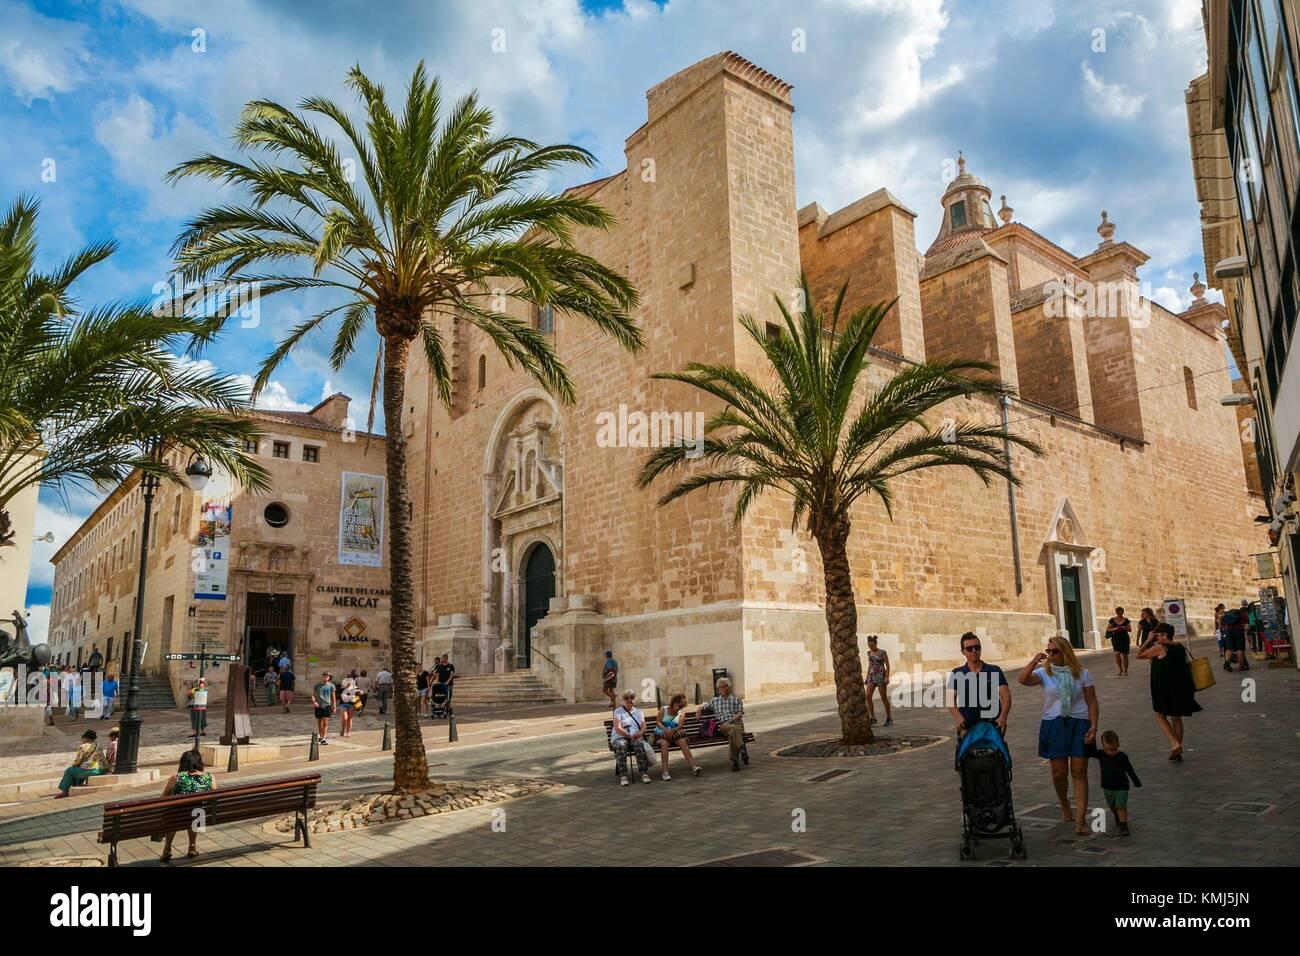 Mare de Deu del Carmen Chiesa. Città di Mahon. Maó comune. Isola di Minorca. Isole Baleari. Spagna Immagini Stock